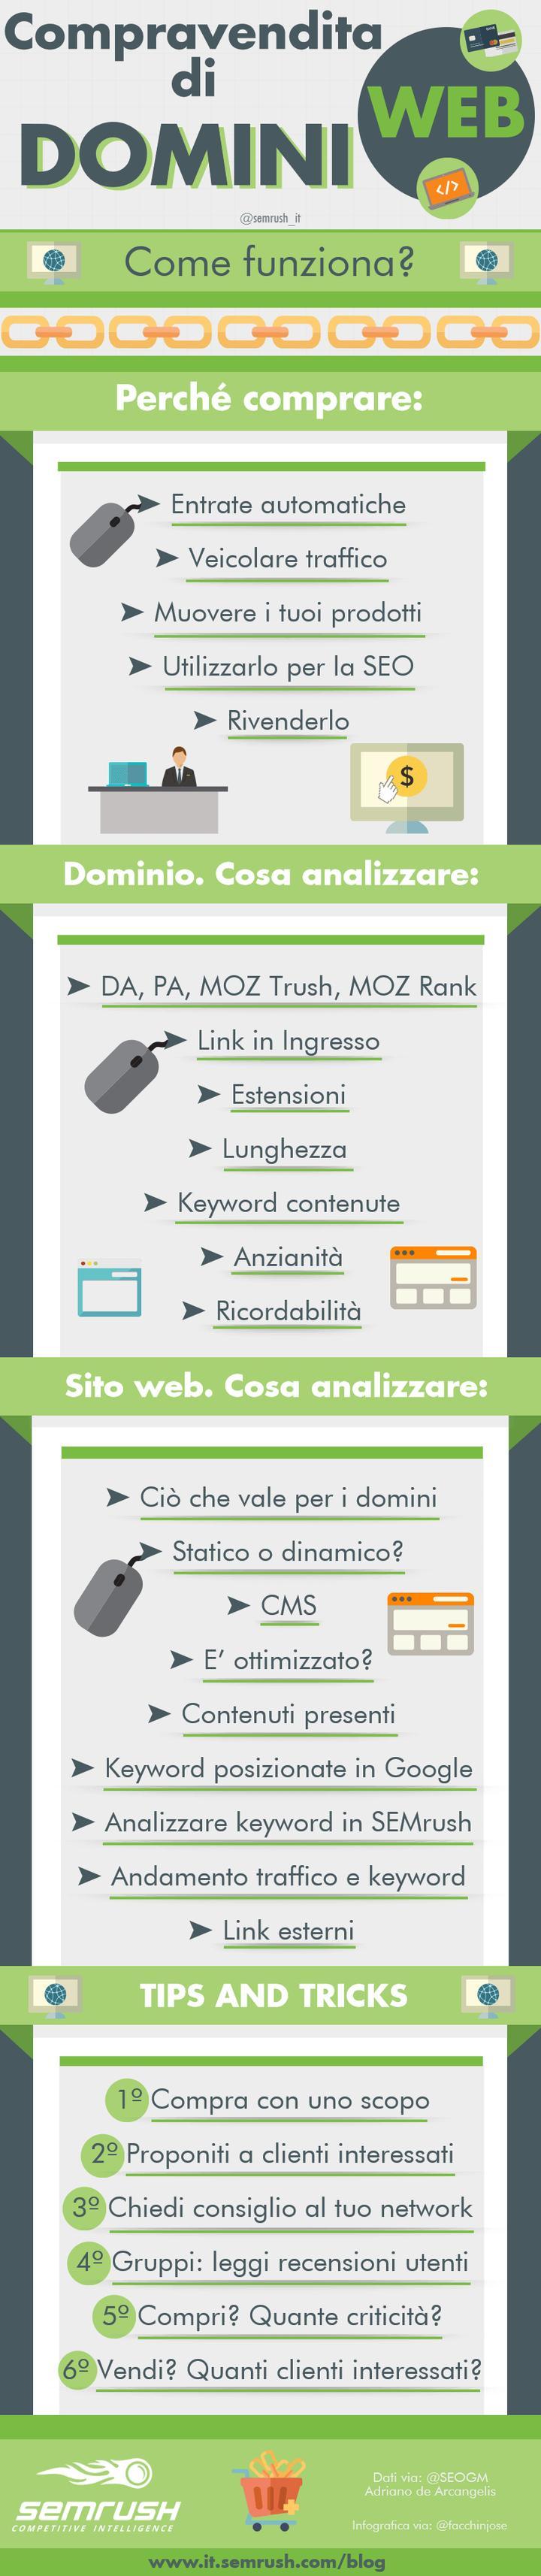 Infografia; come funziona la compravendita di domini web